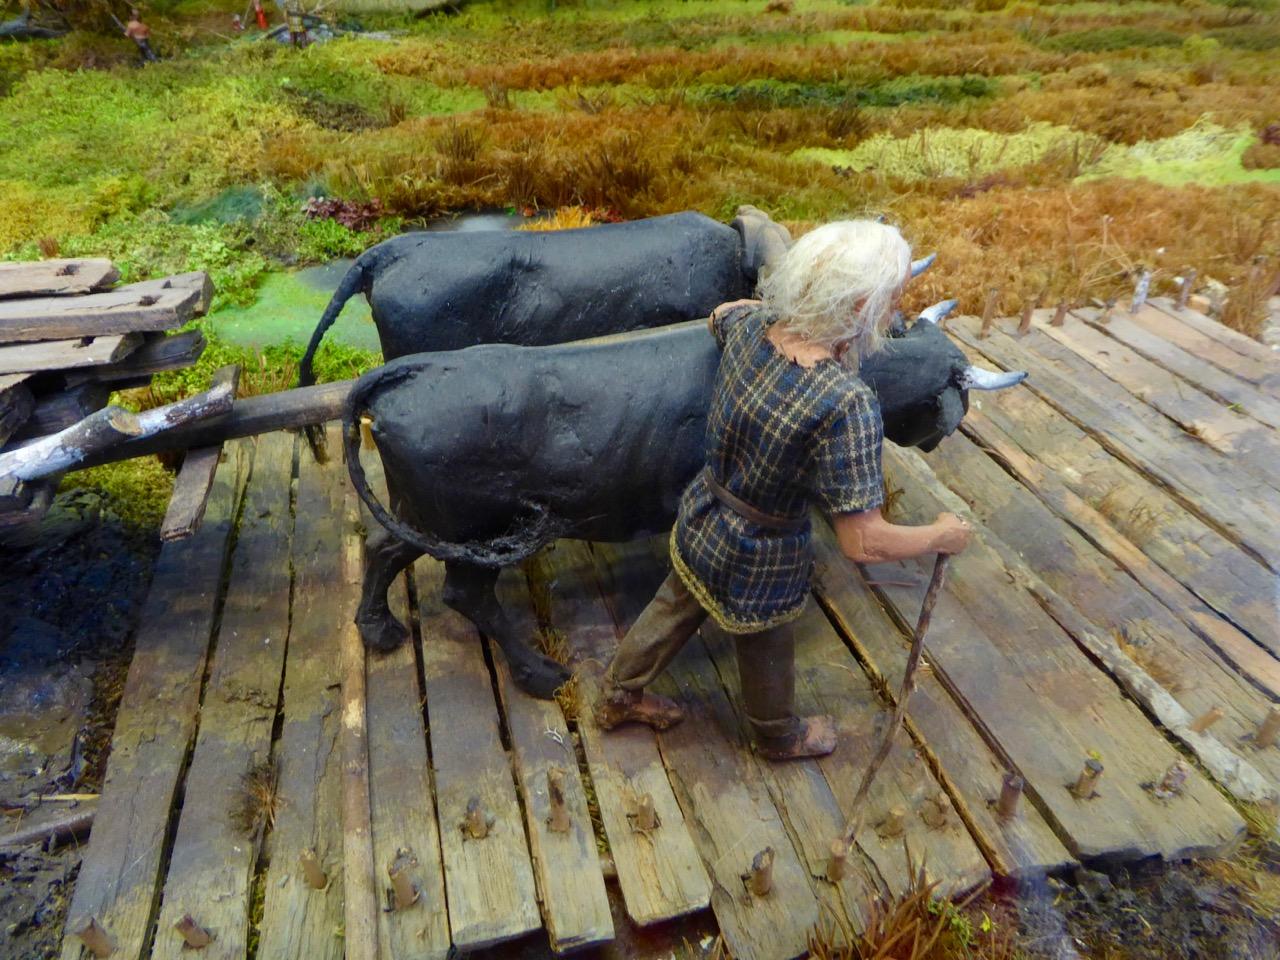 Guiding the oxen